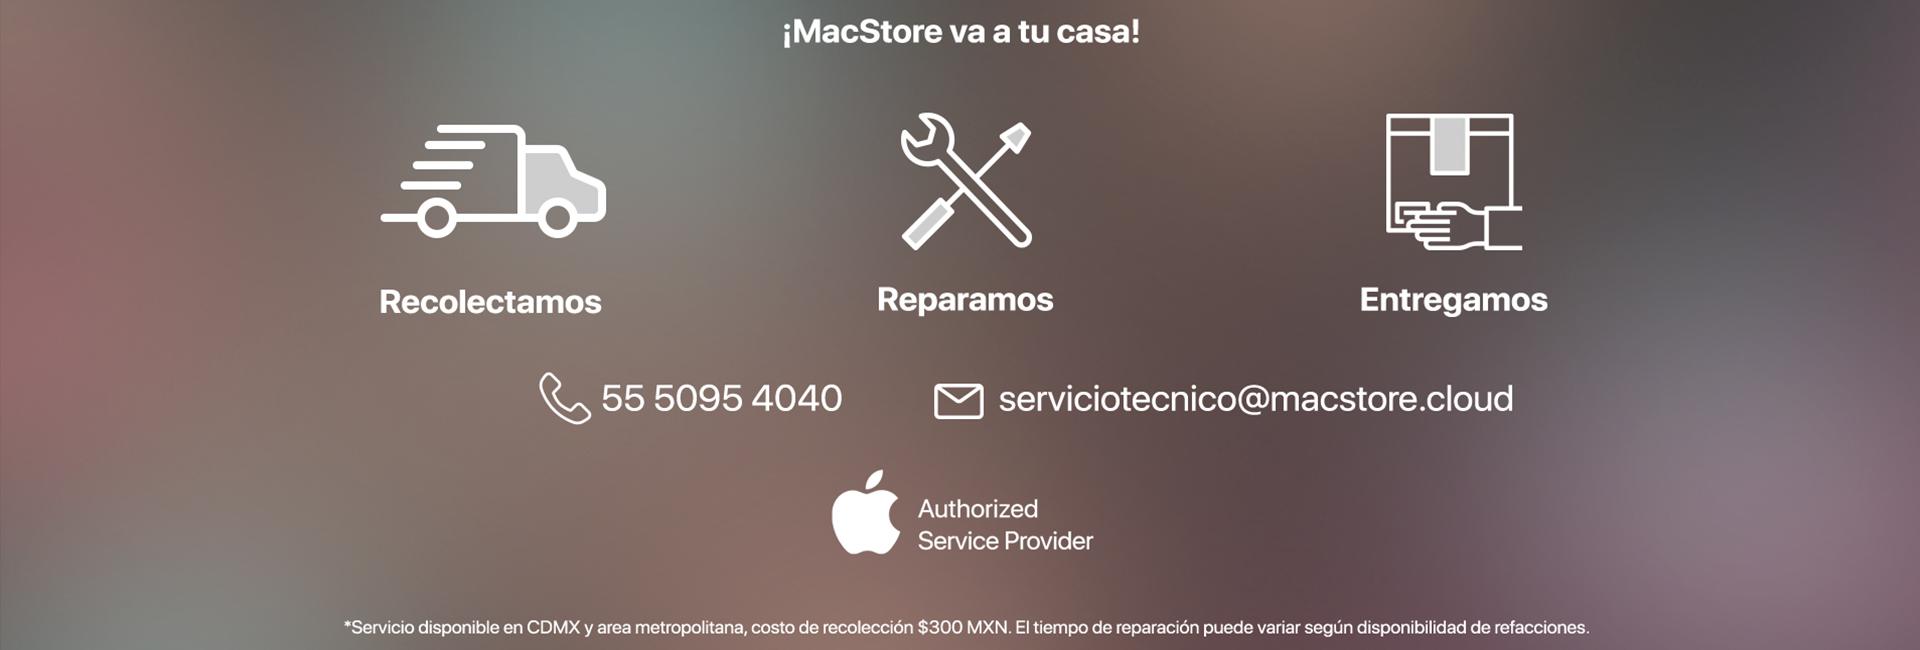 Centro de Servicio MacStore